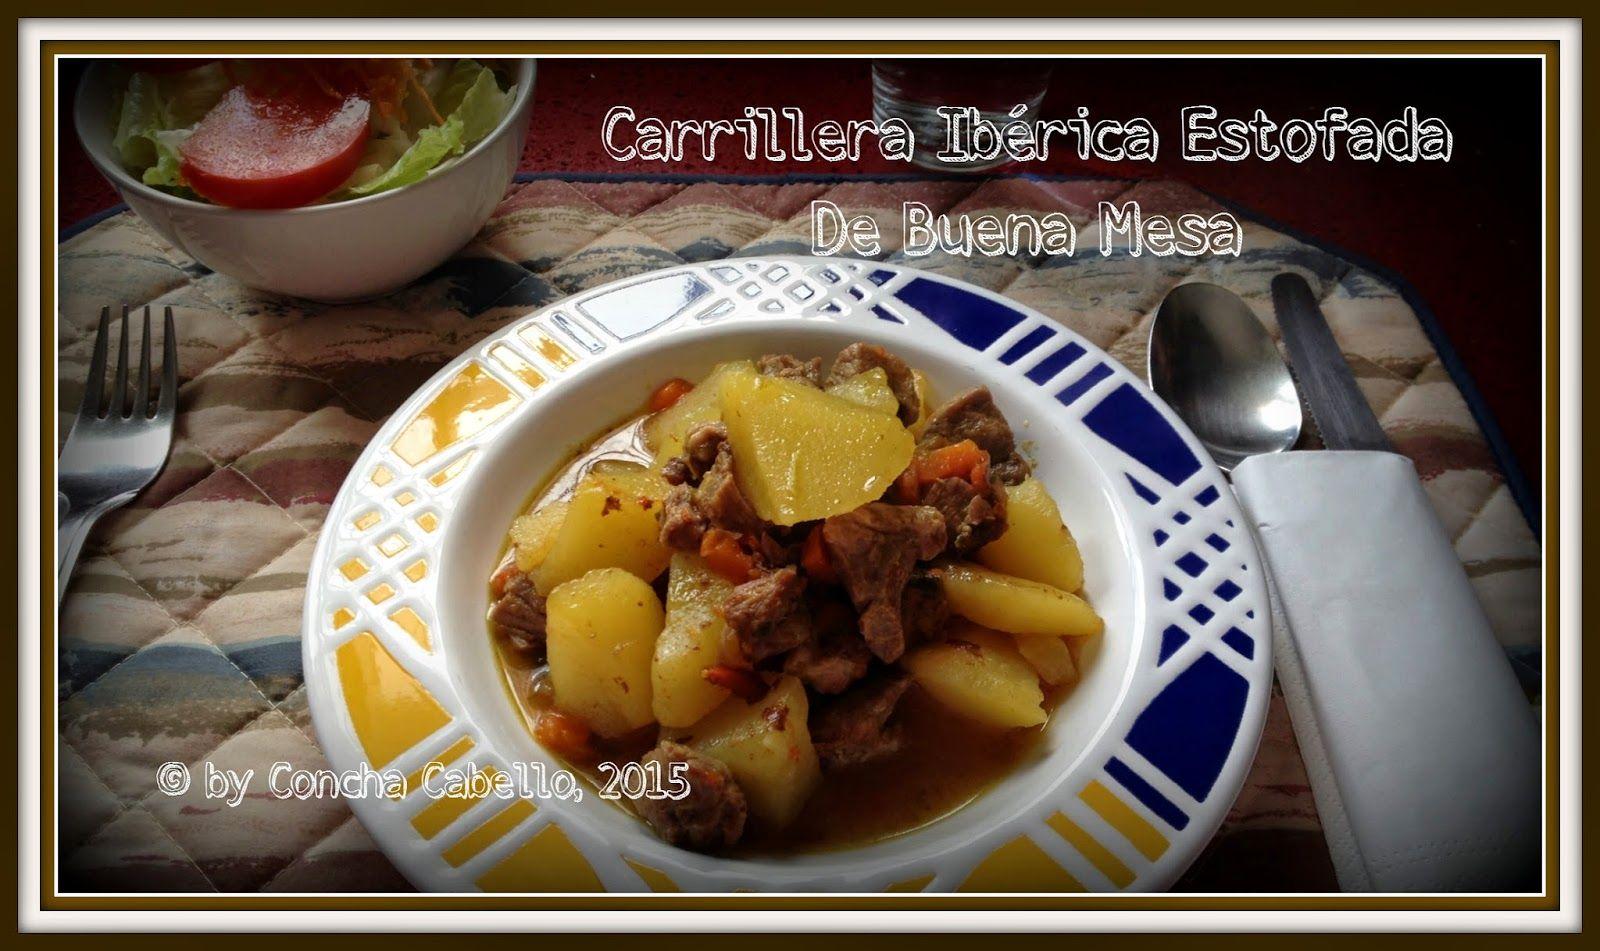 De Buena Mesa: Carrillera Ibérica Estofada http://denuestracasa.blogspot.com.es/2015/03/carrillera-iberica-estofada.html